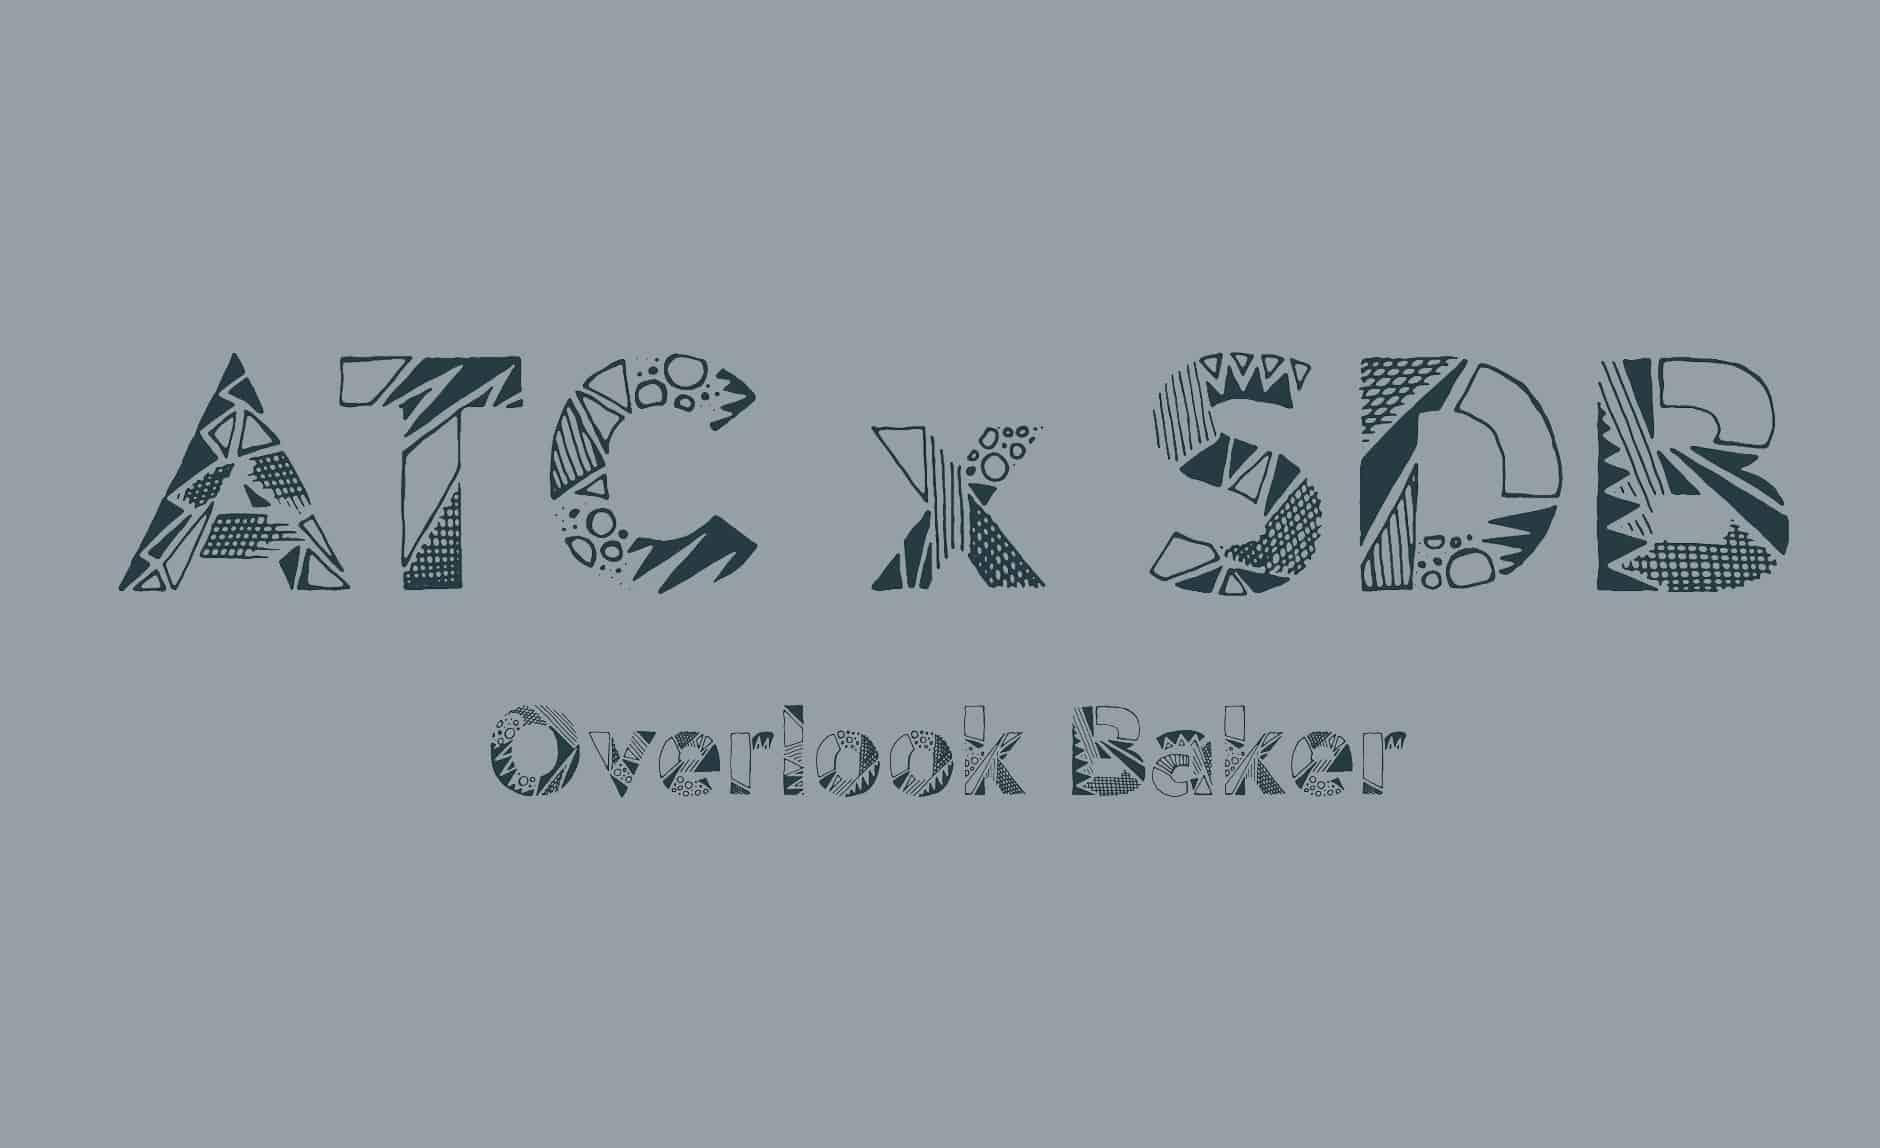 Font ATC Overlook Baker